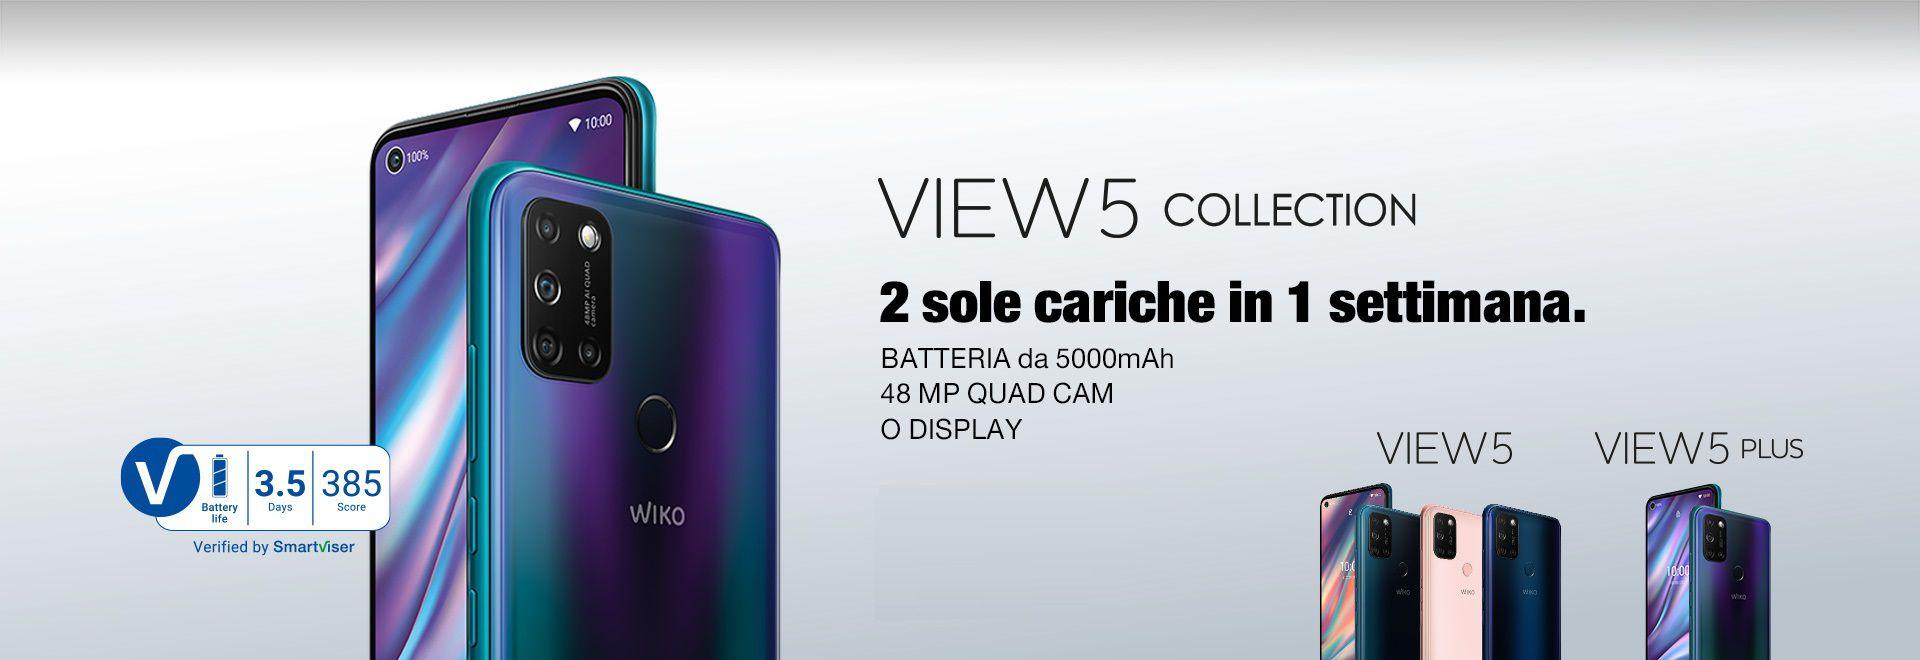 Wiko View 5 e Wiko View 5 Plus sono stati presentati ufficialmente: gli smartphone caricare solo due volte a settimana